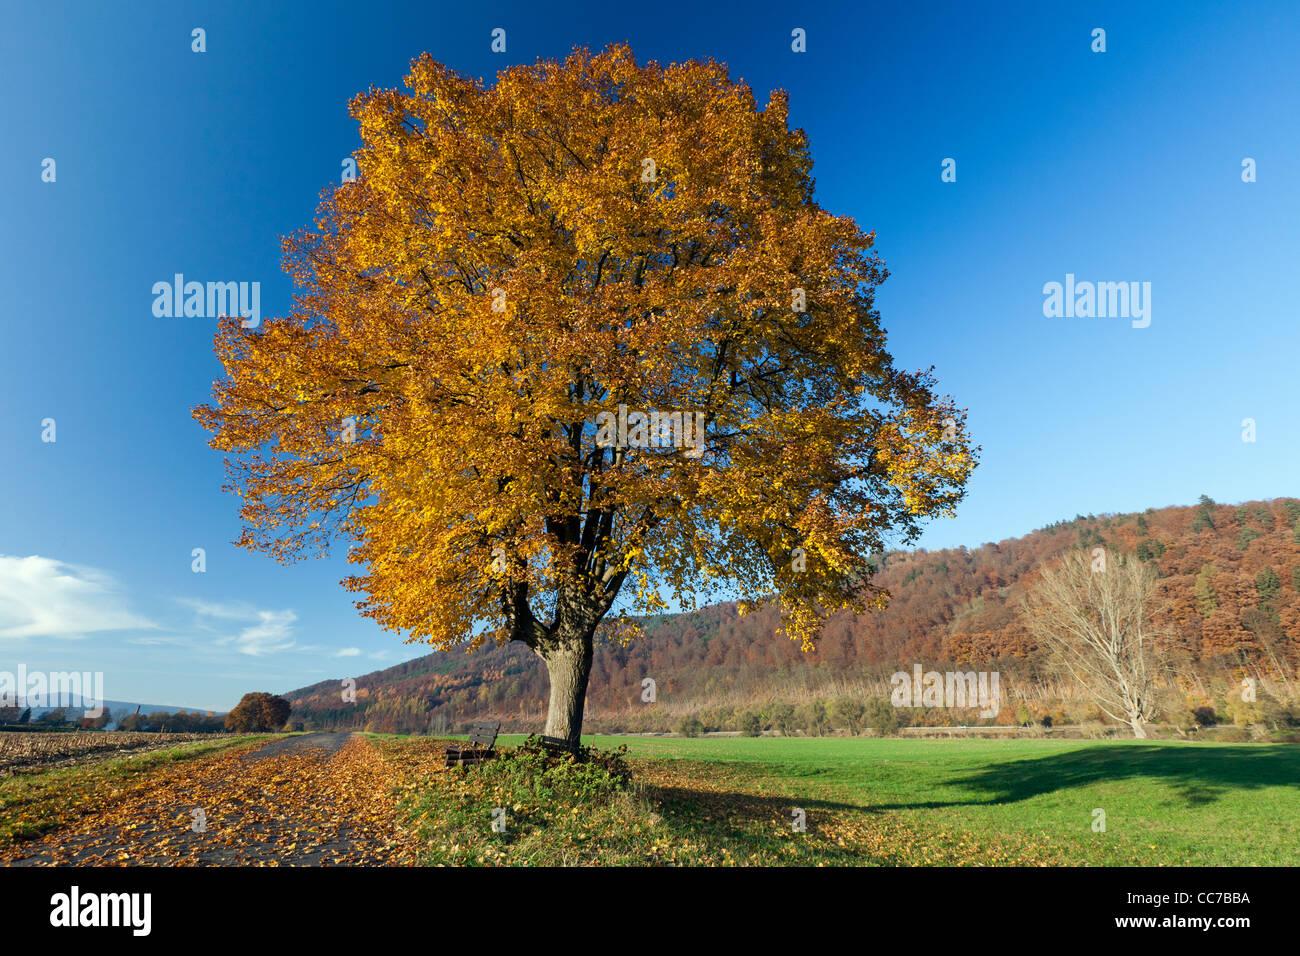 Common Lime Tree (Tilia europaea), in Autumn Colour, Hessen, Germany Stock Photo